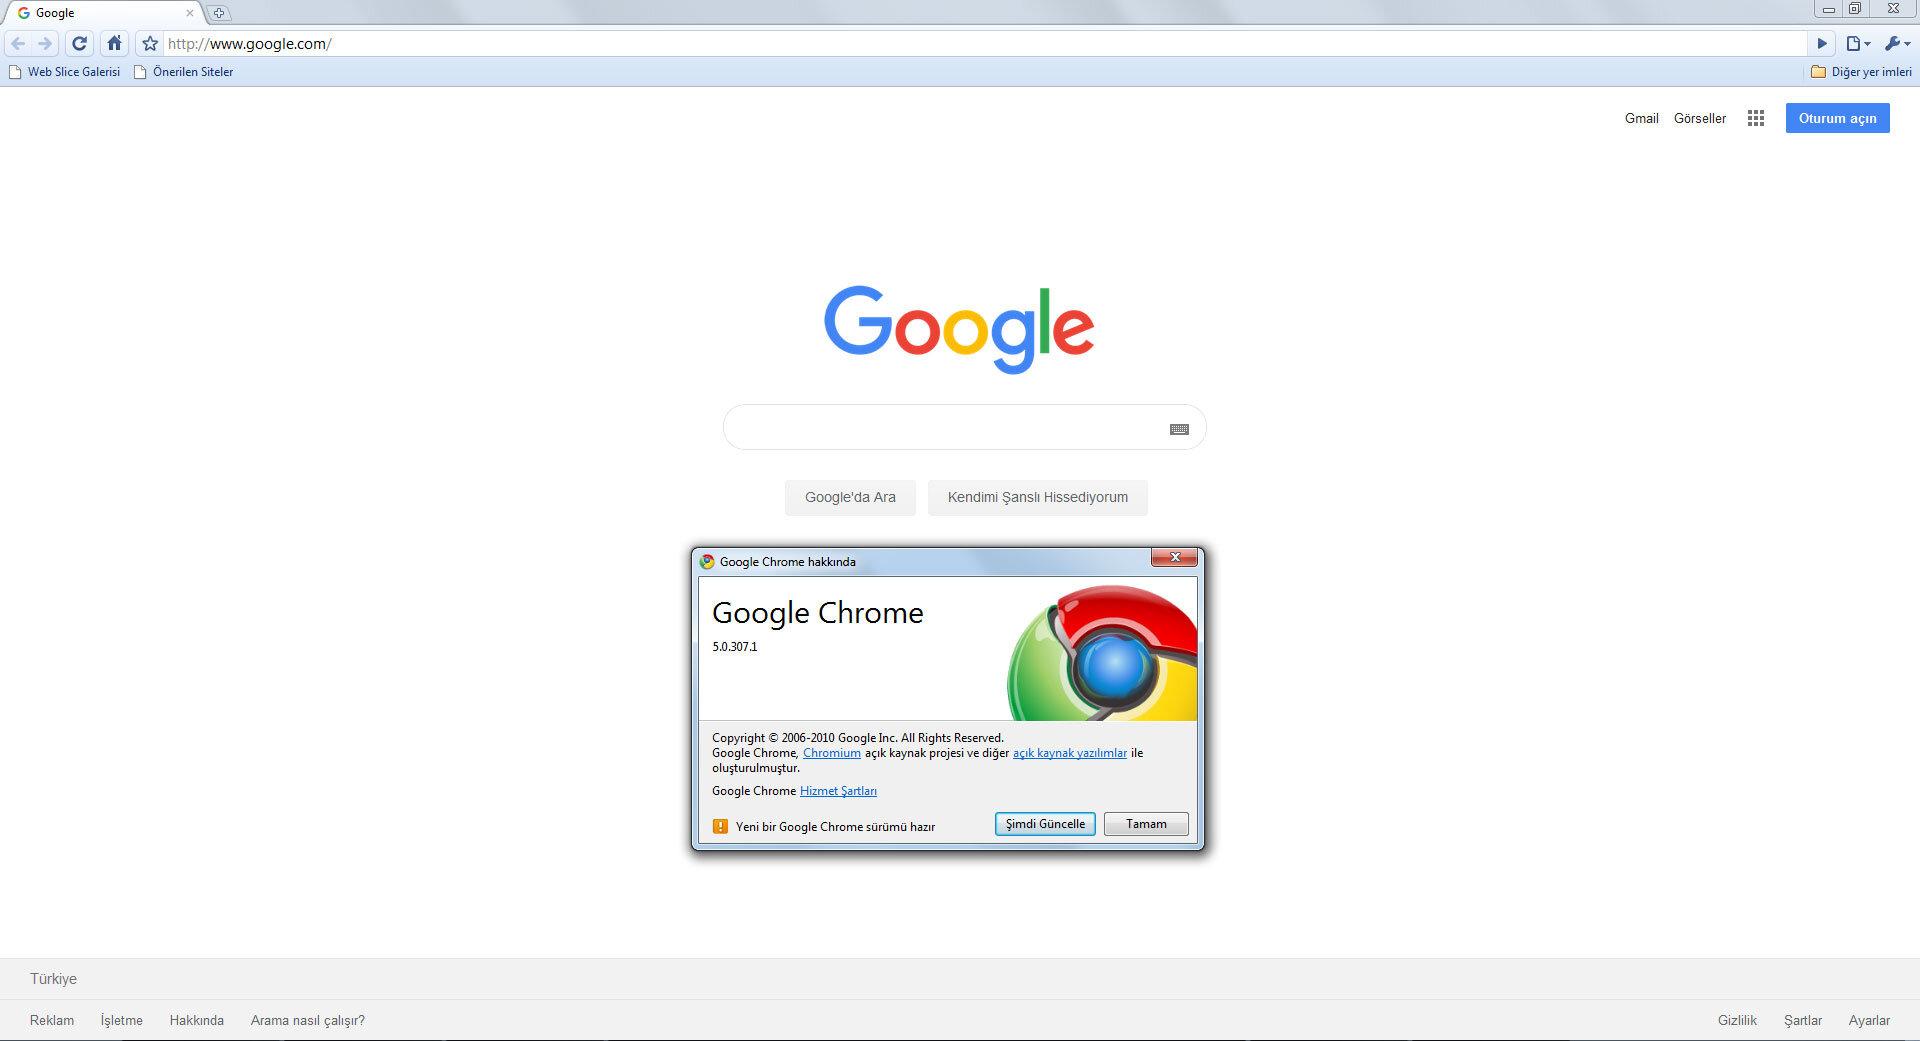 Google Chrome 5.0.307.1